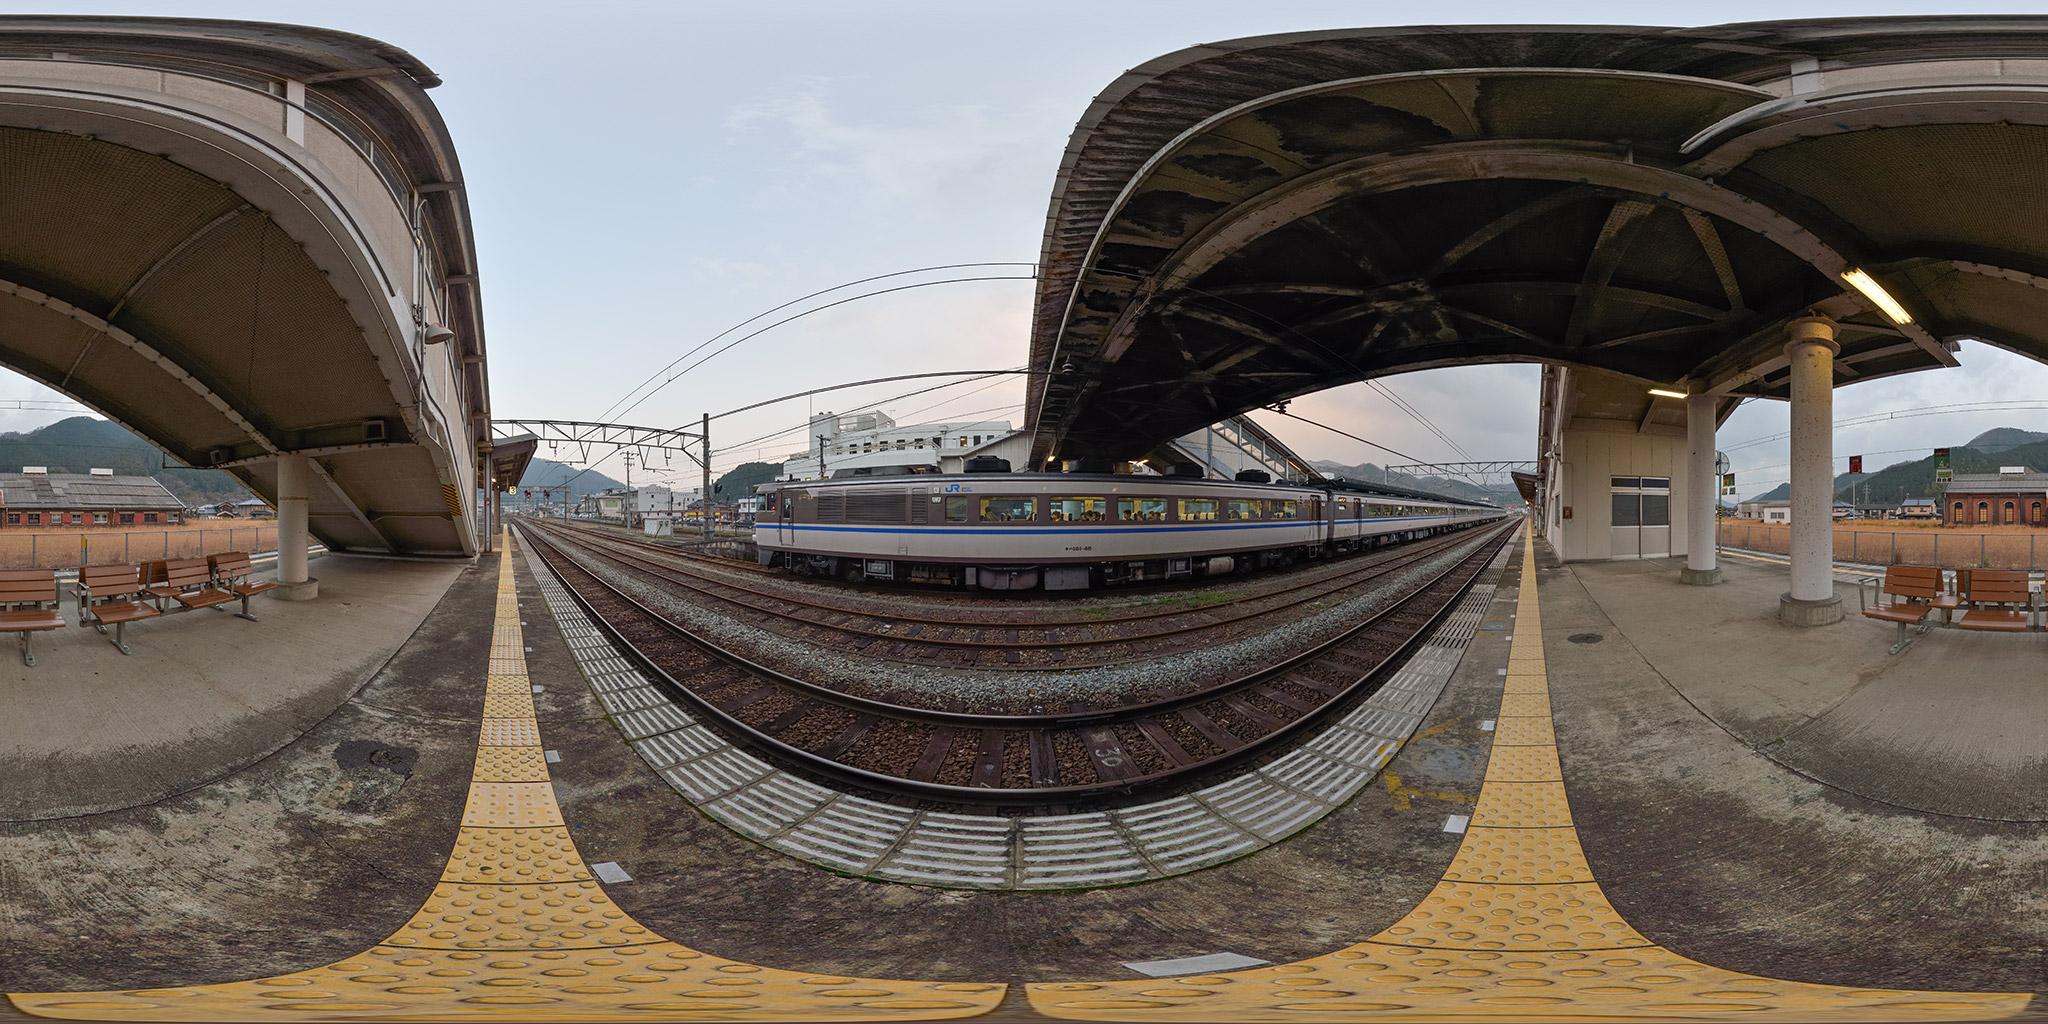 和田山駅を発車するキハ181系「かにカニはまかぜ」